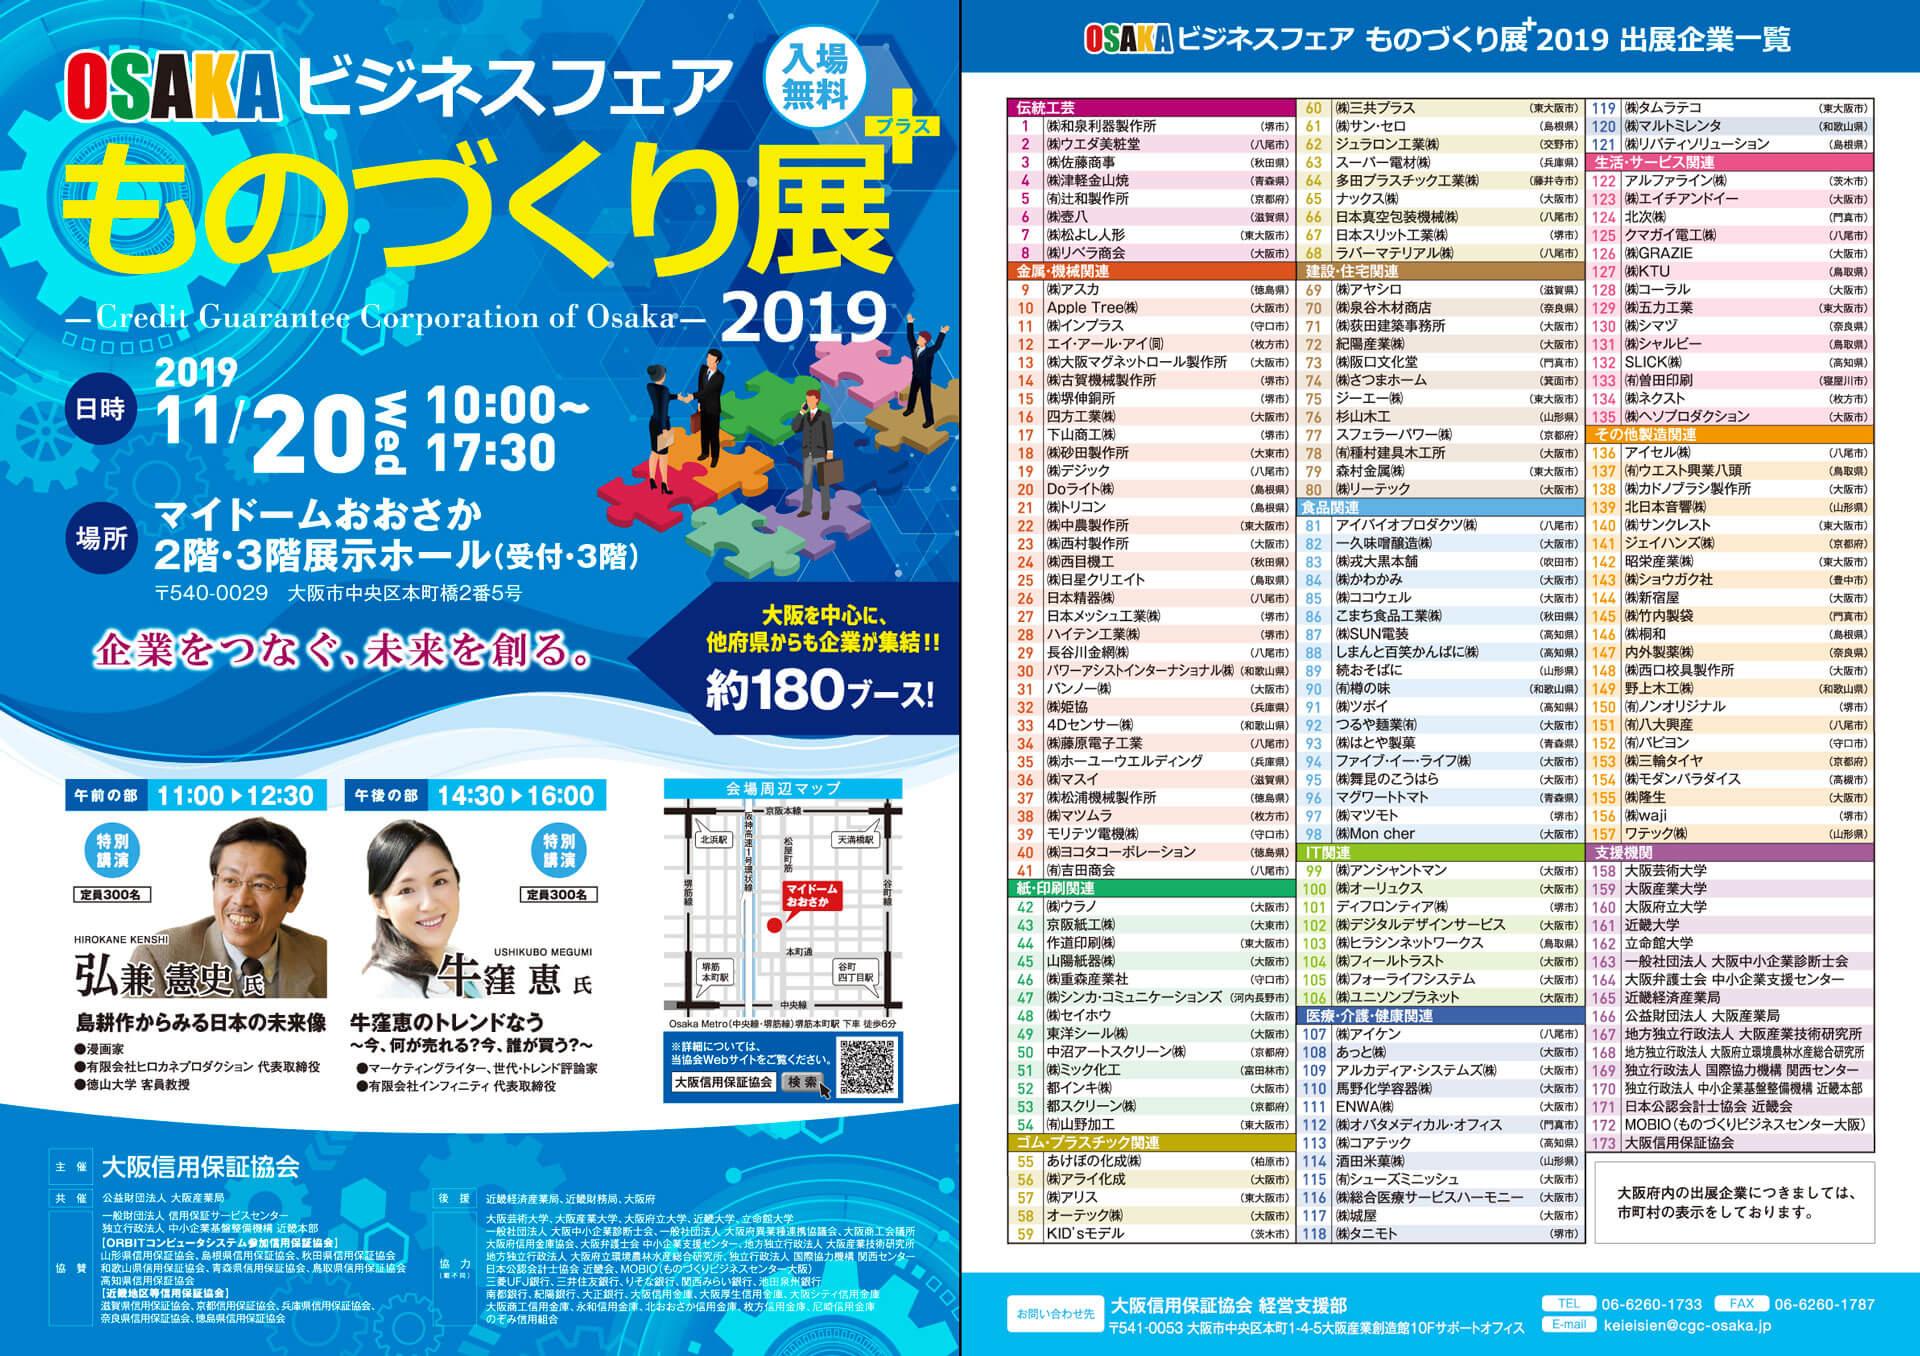 osakaビジネスフェアものづくり展+2019